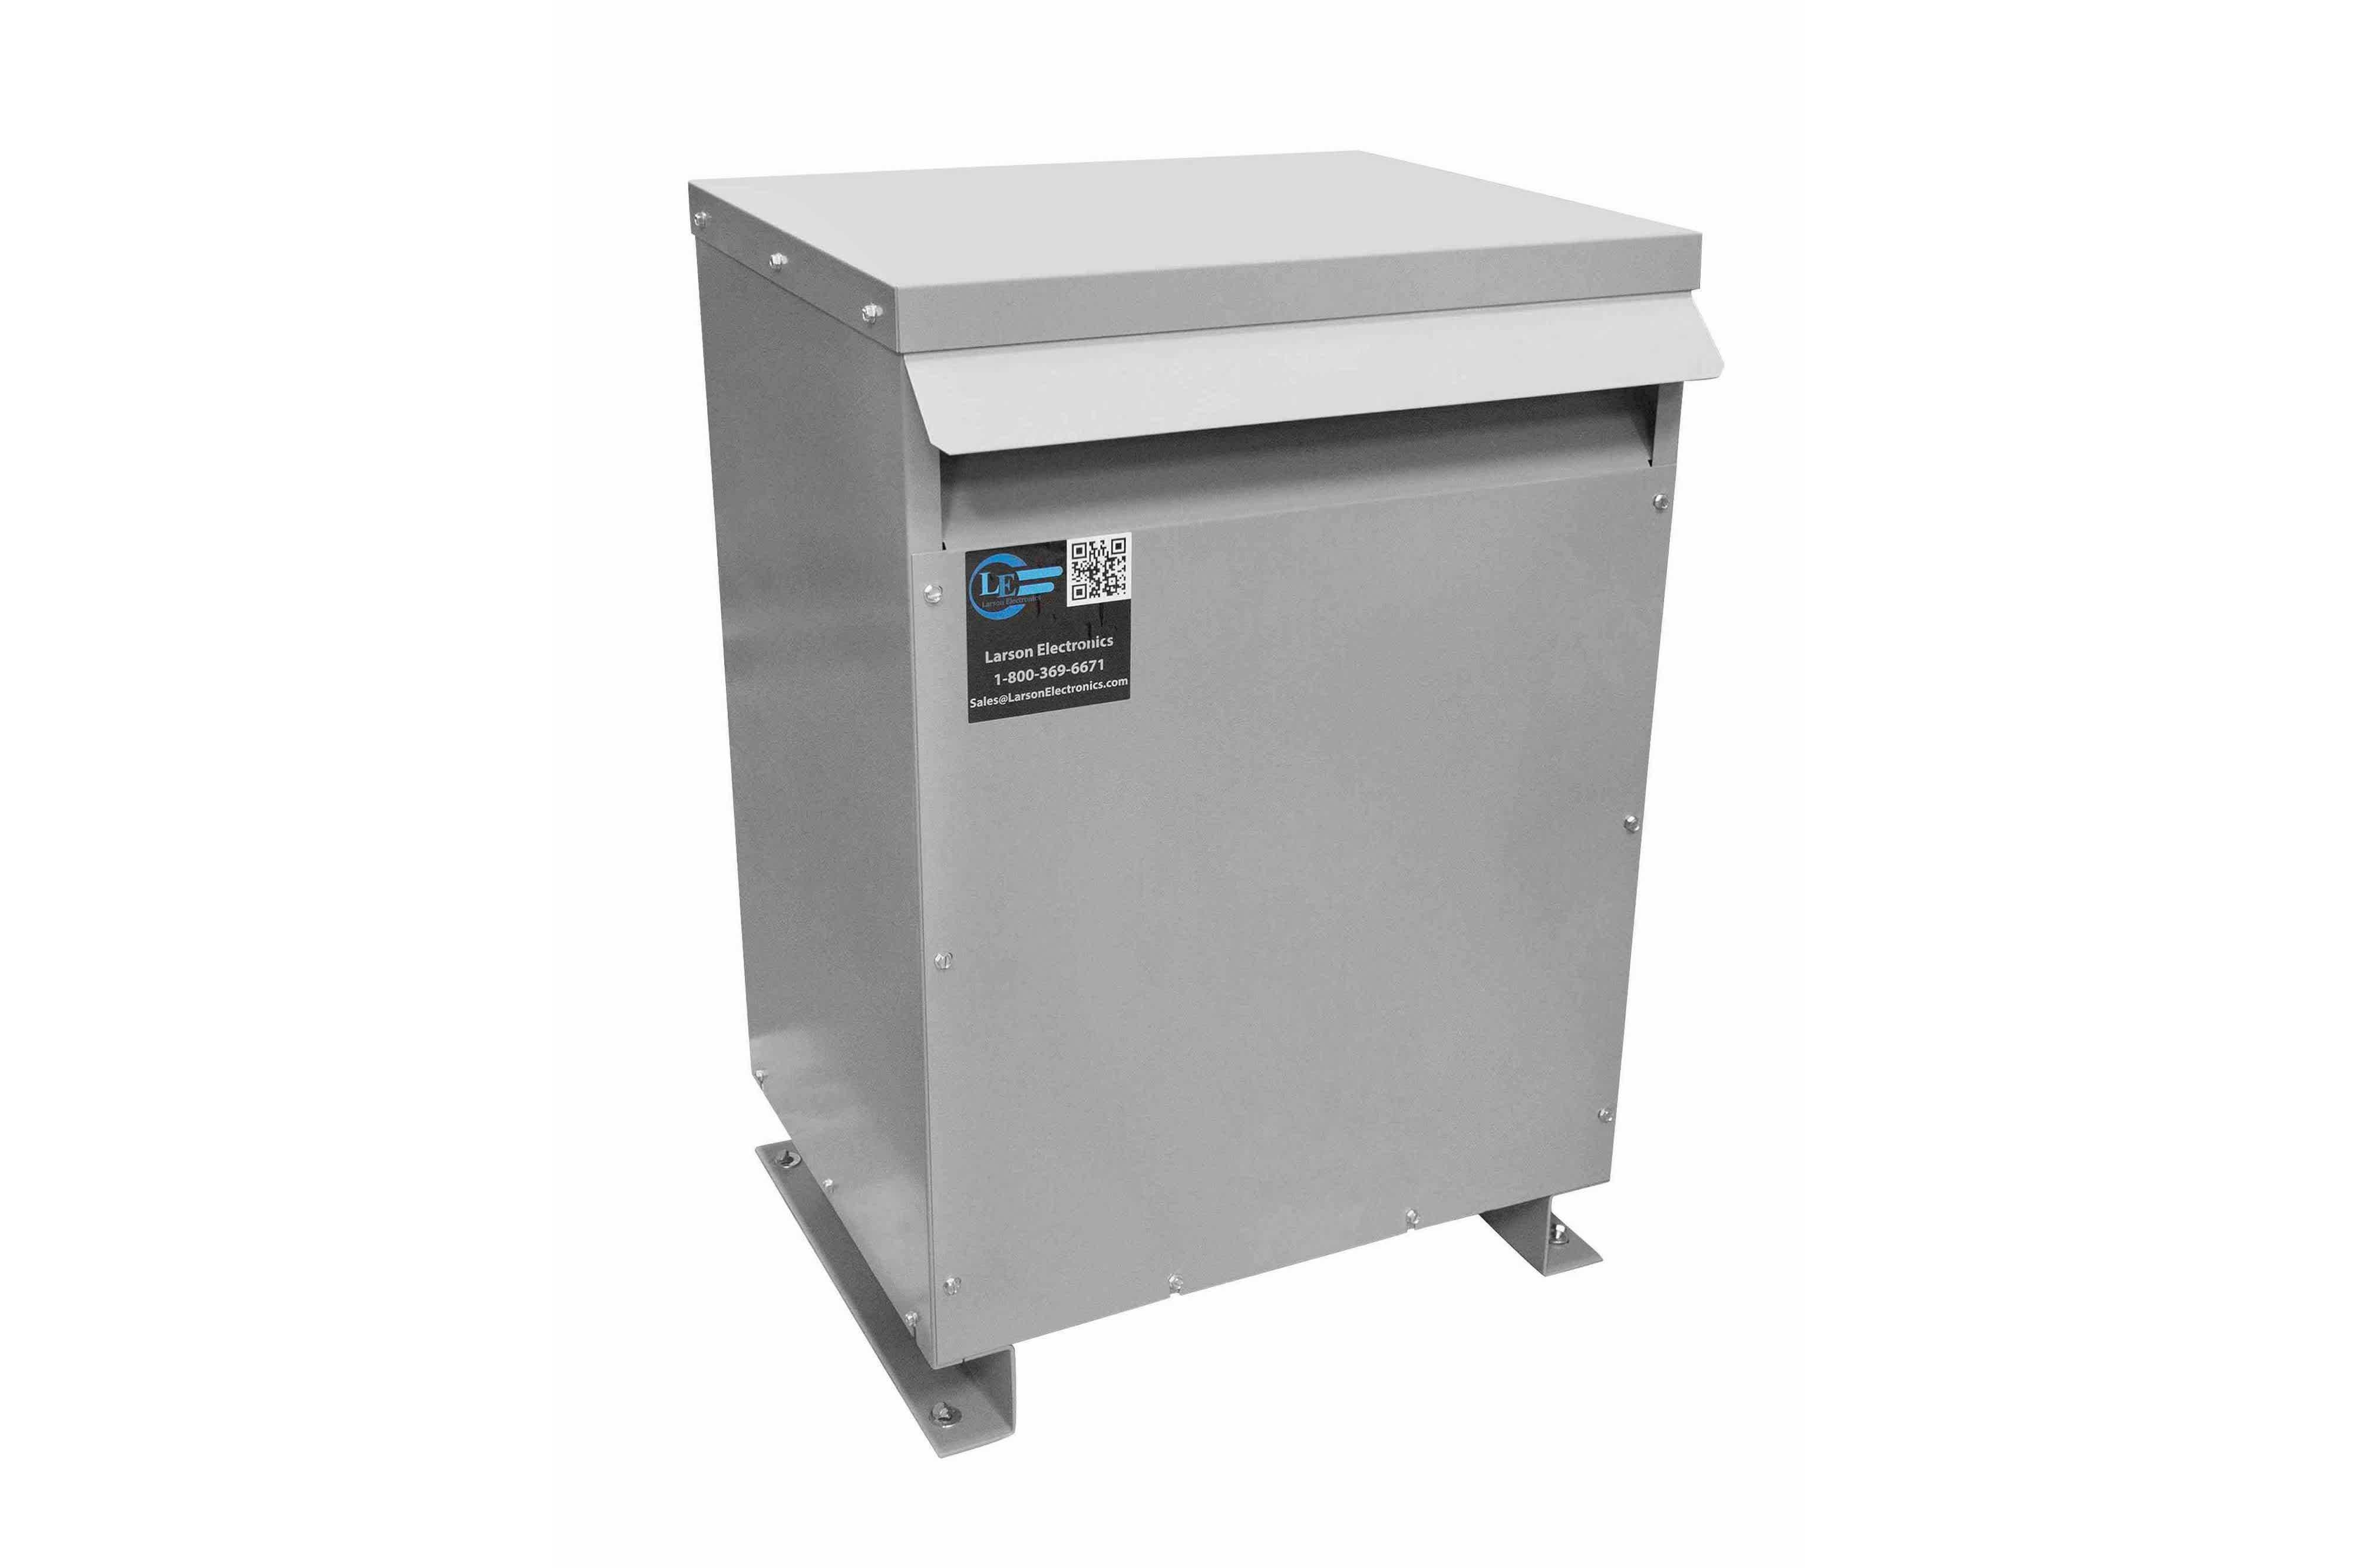 300 kVA 3PH Isolation Transformer, 400V Delta Primary, 480V Delta Secondary, N3R, Ventilated, 60 Hz